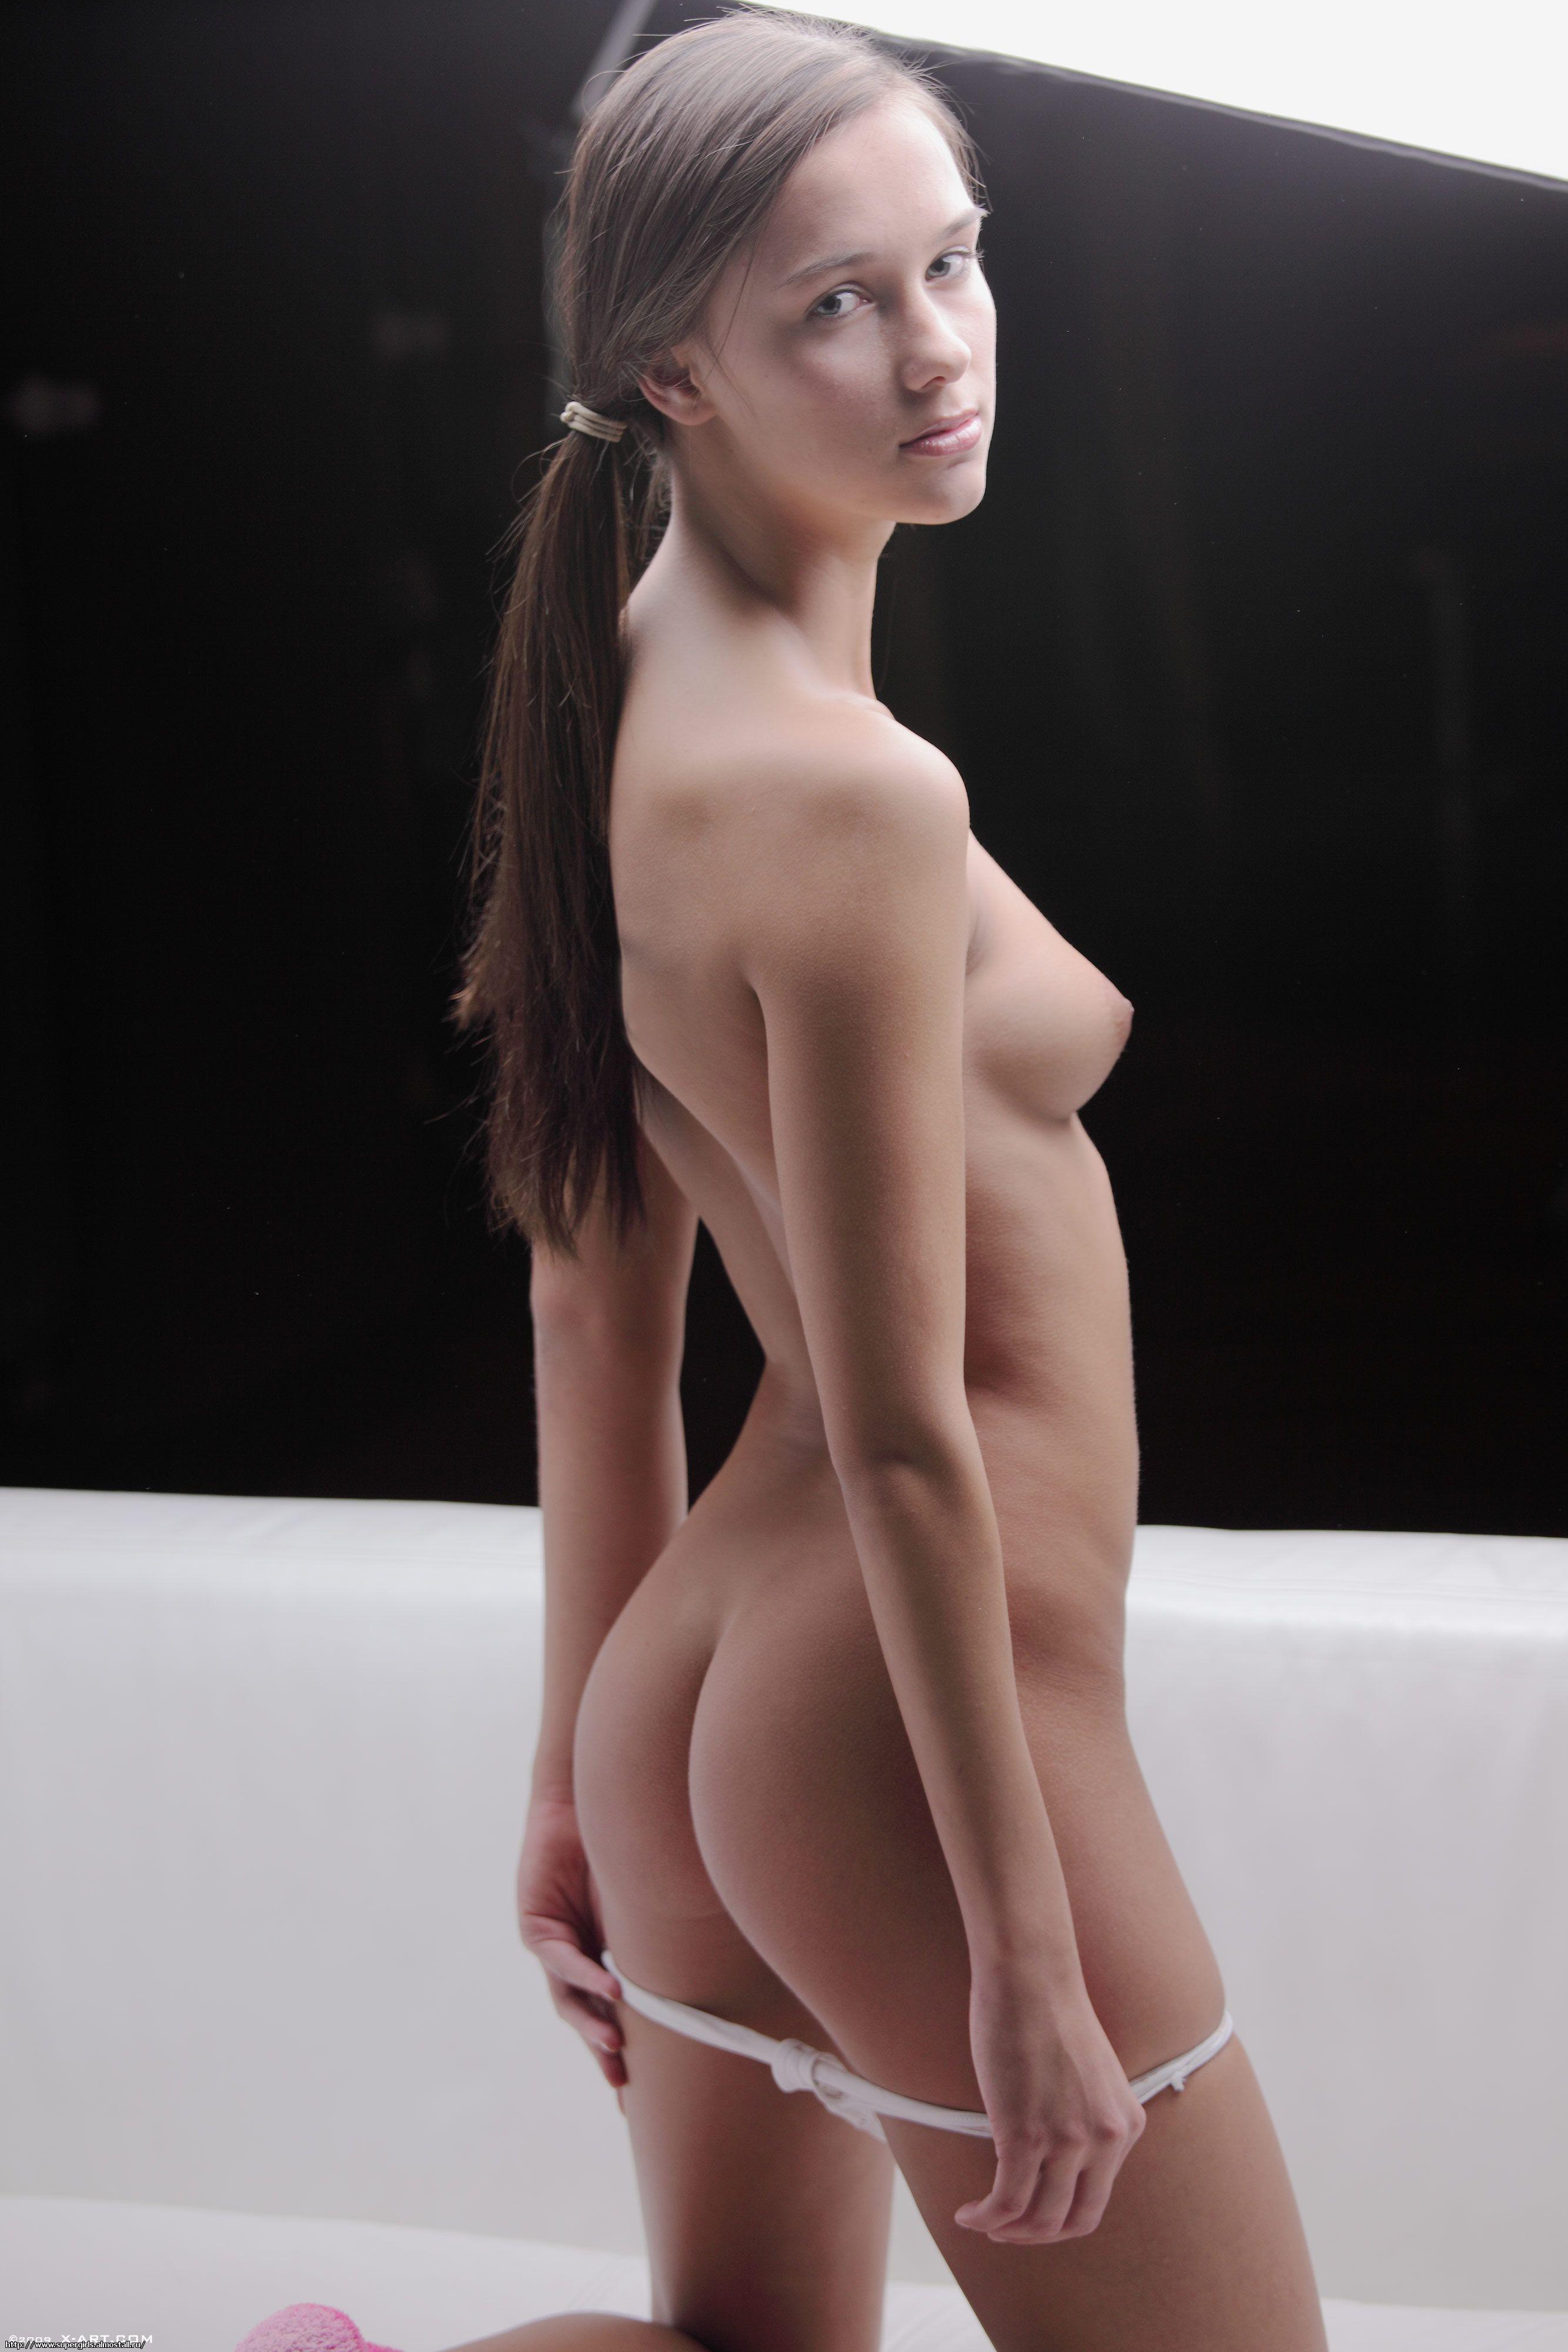 erotische dauerfreundschaft gesucht Bubikon